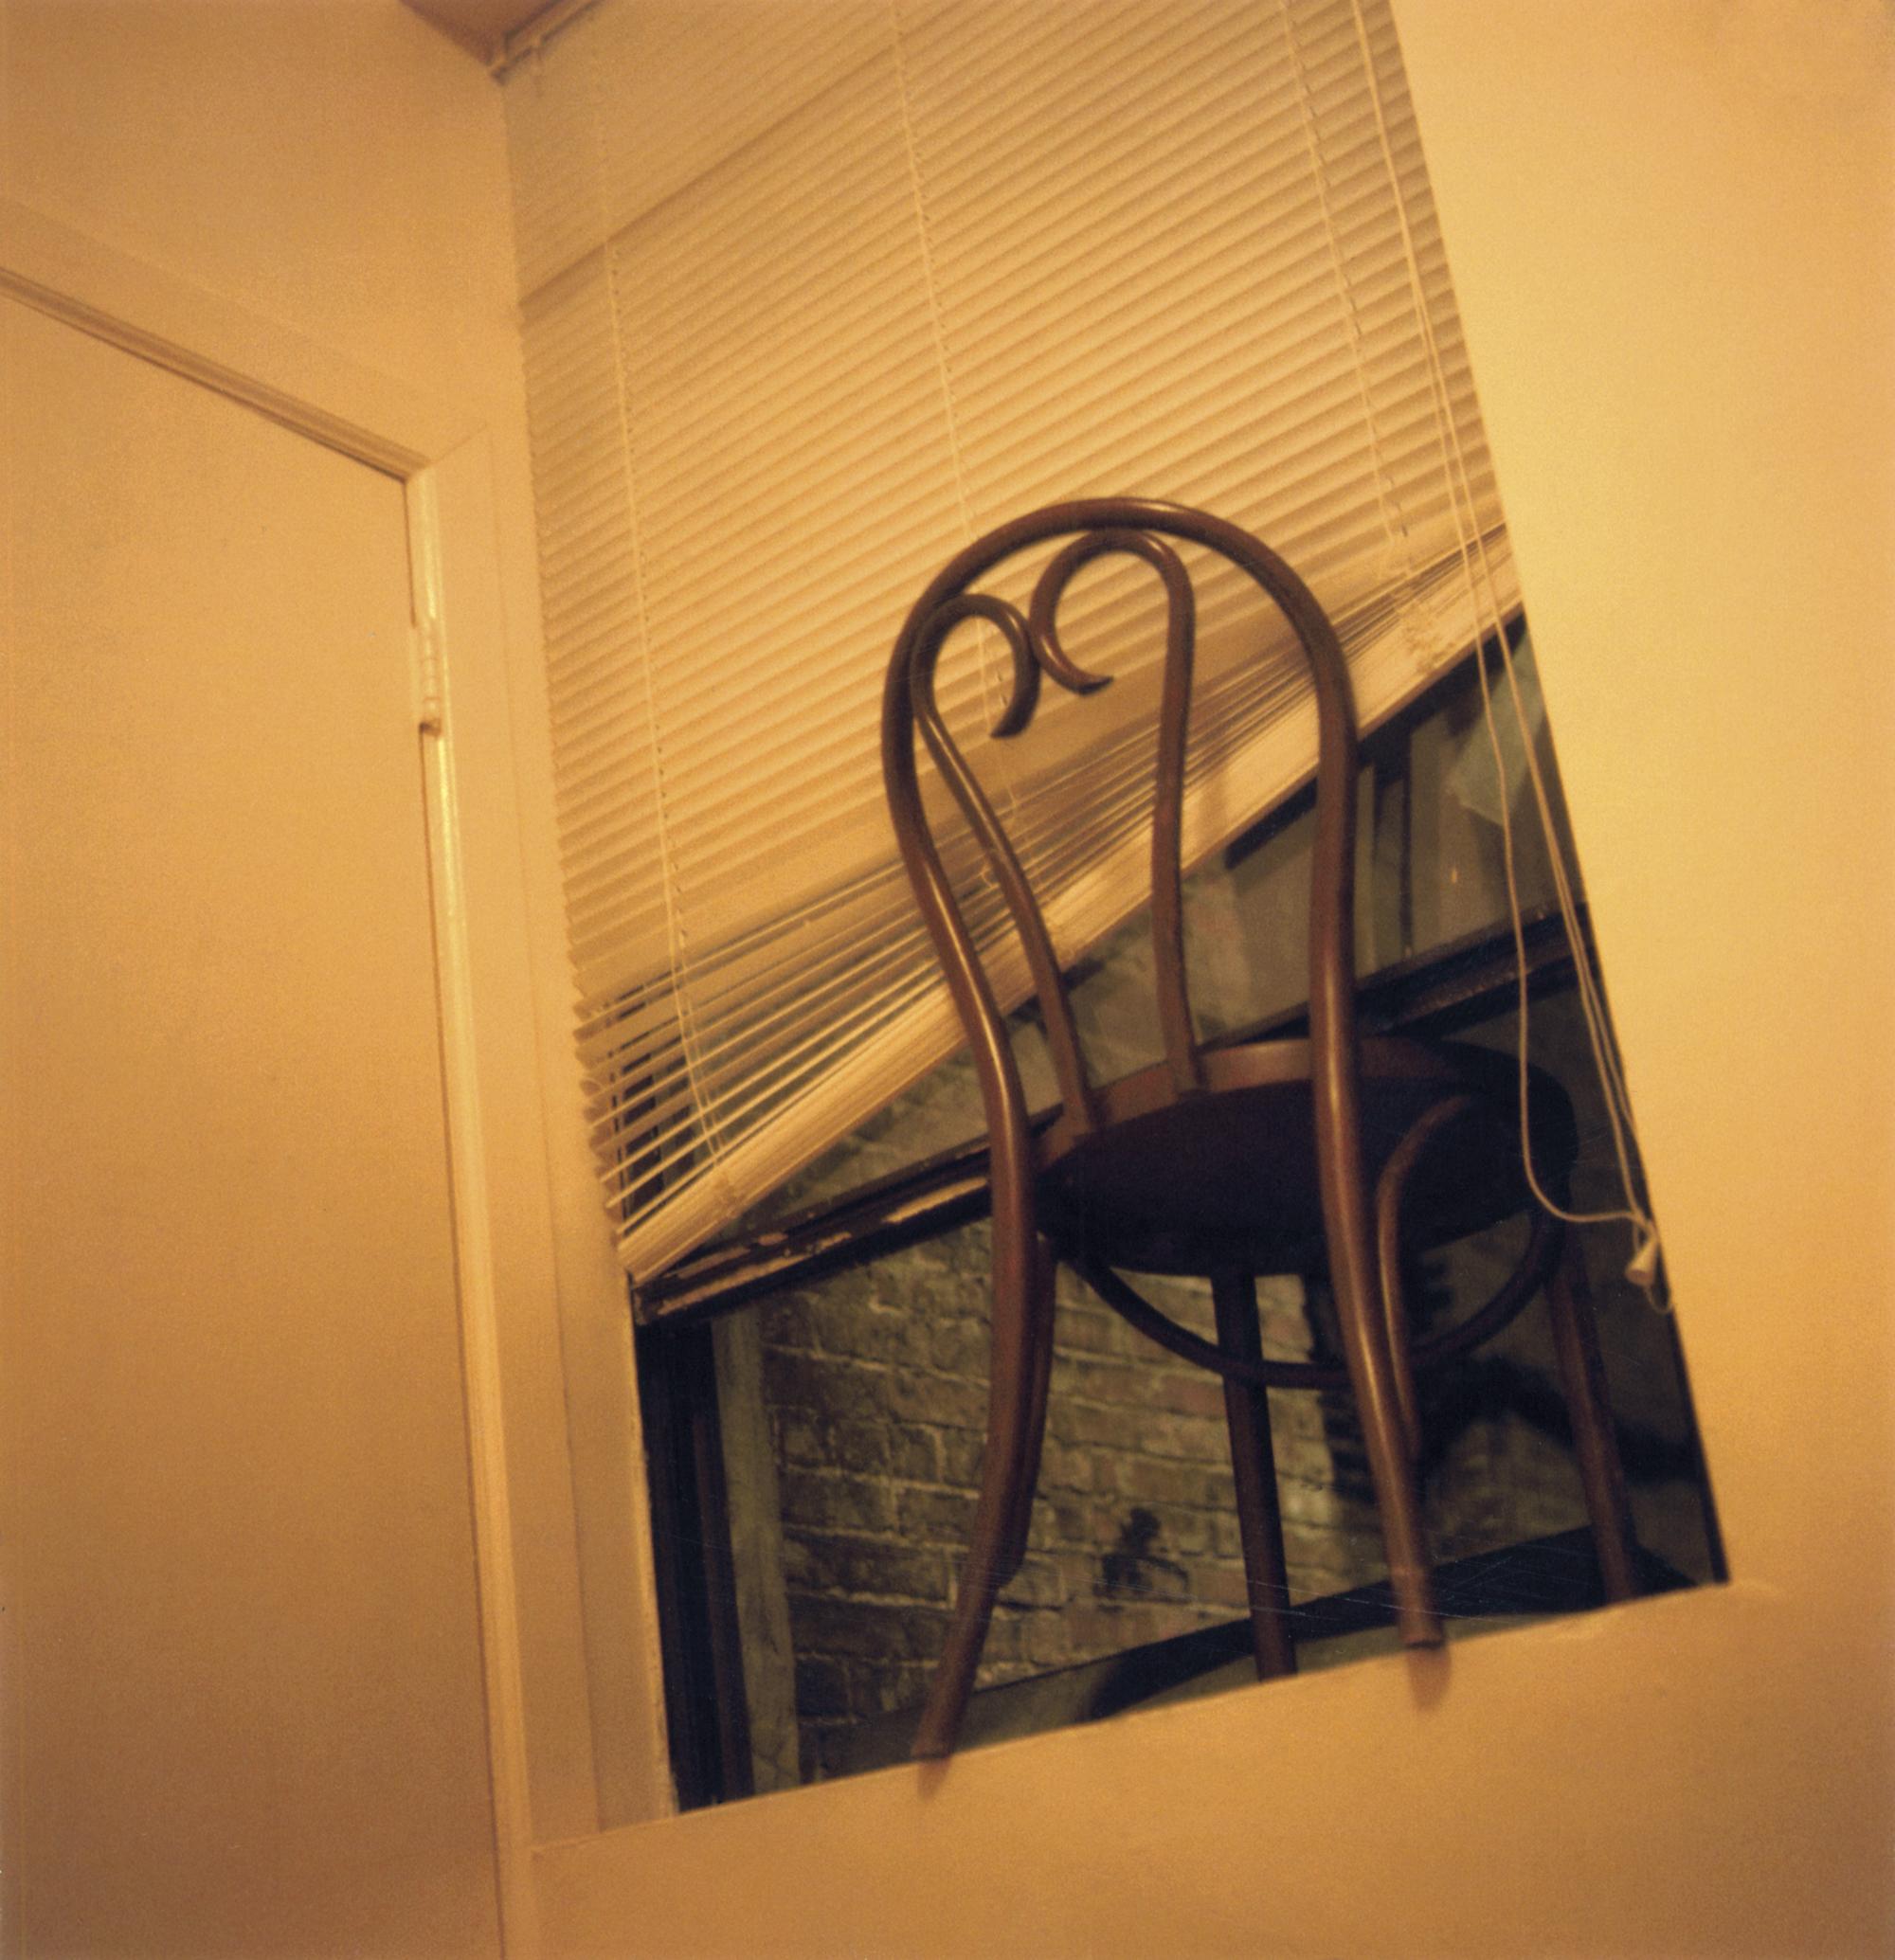 """""""Stuhl, Fenster, Sommer, Nachts"""", 2008 © Susa Templin; Courtesy Galerie Thomas Rehbein"""